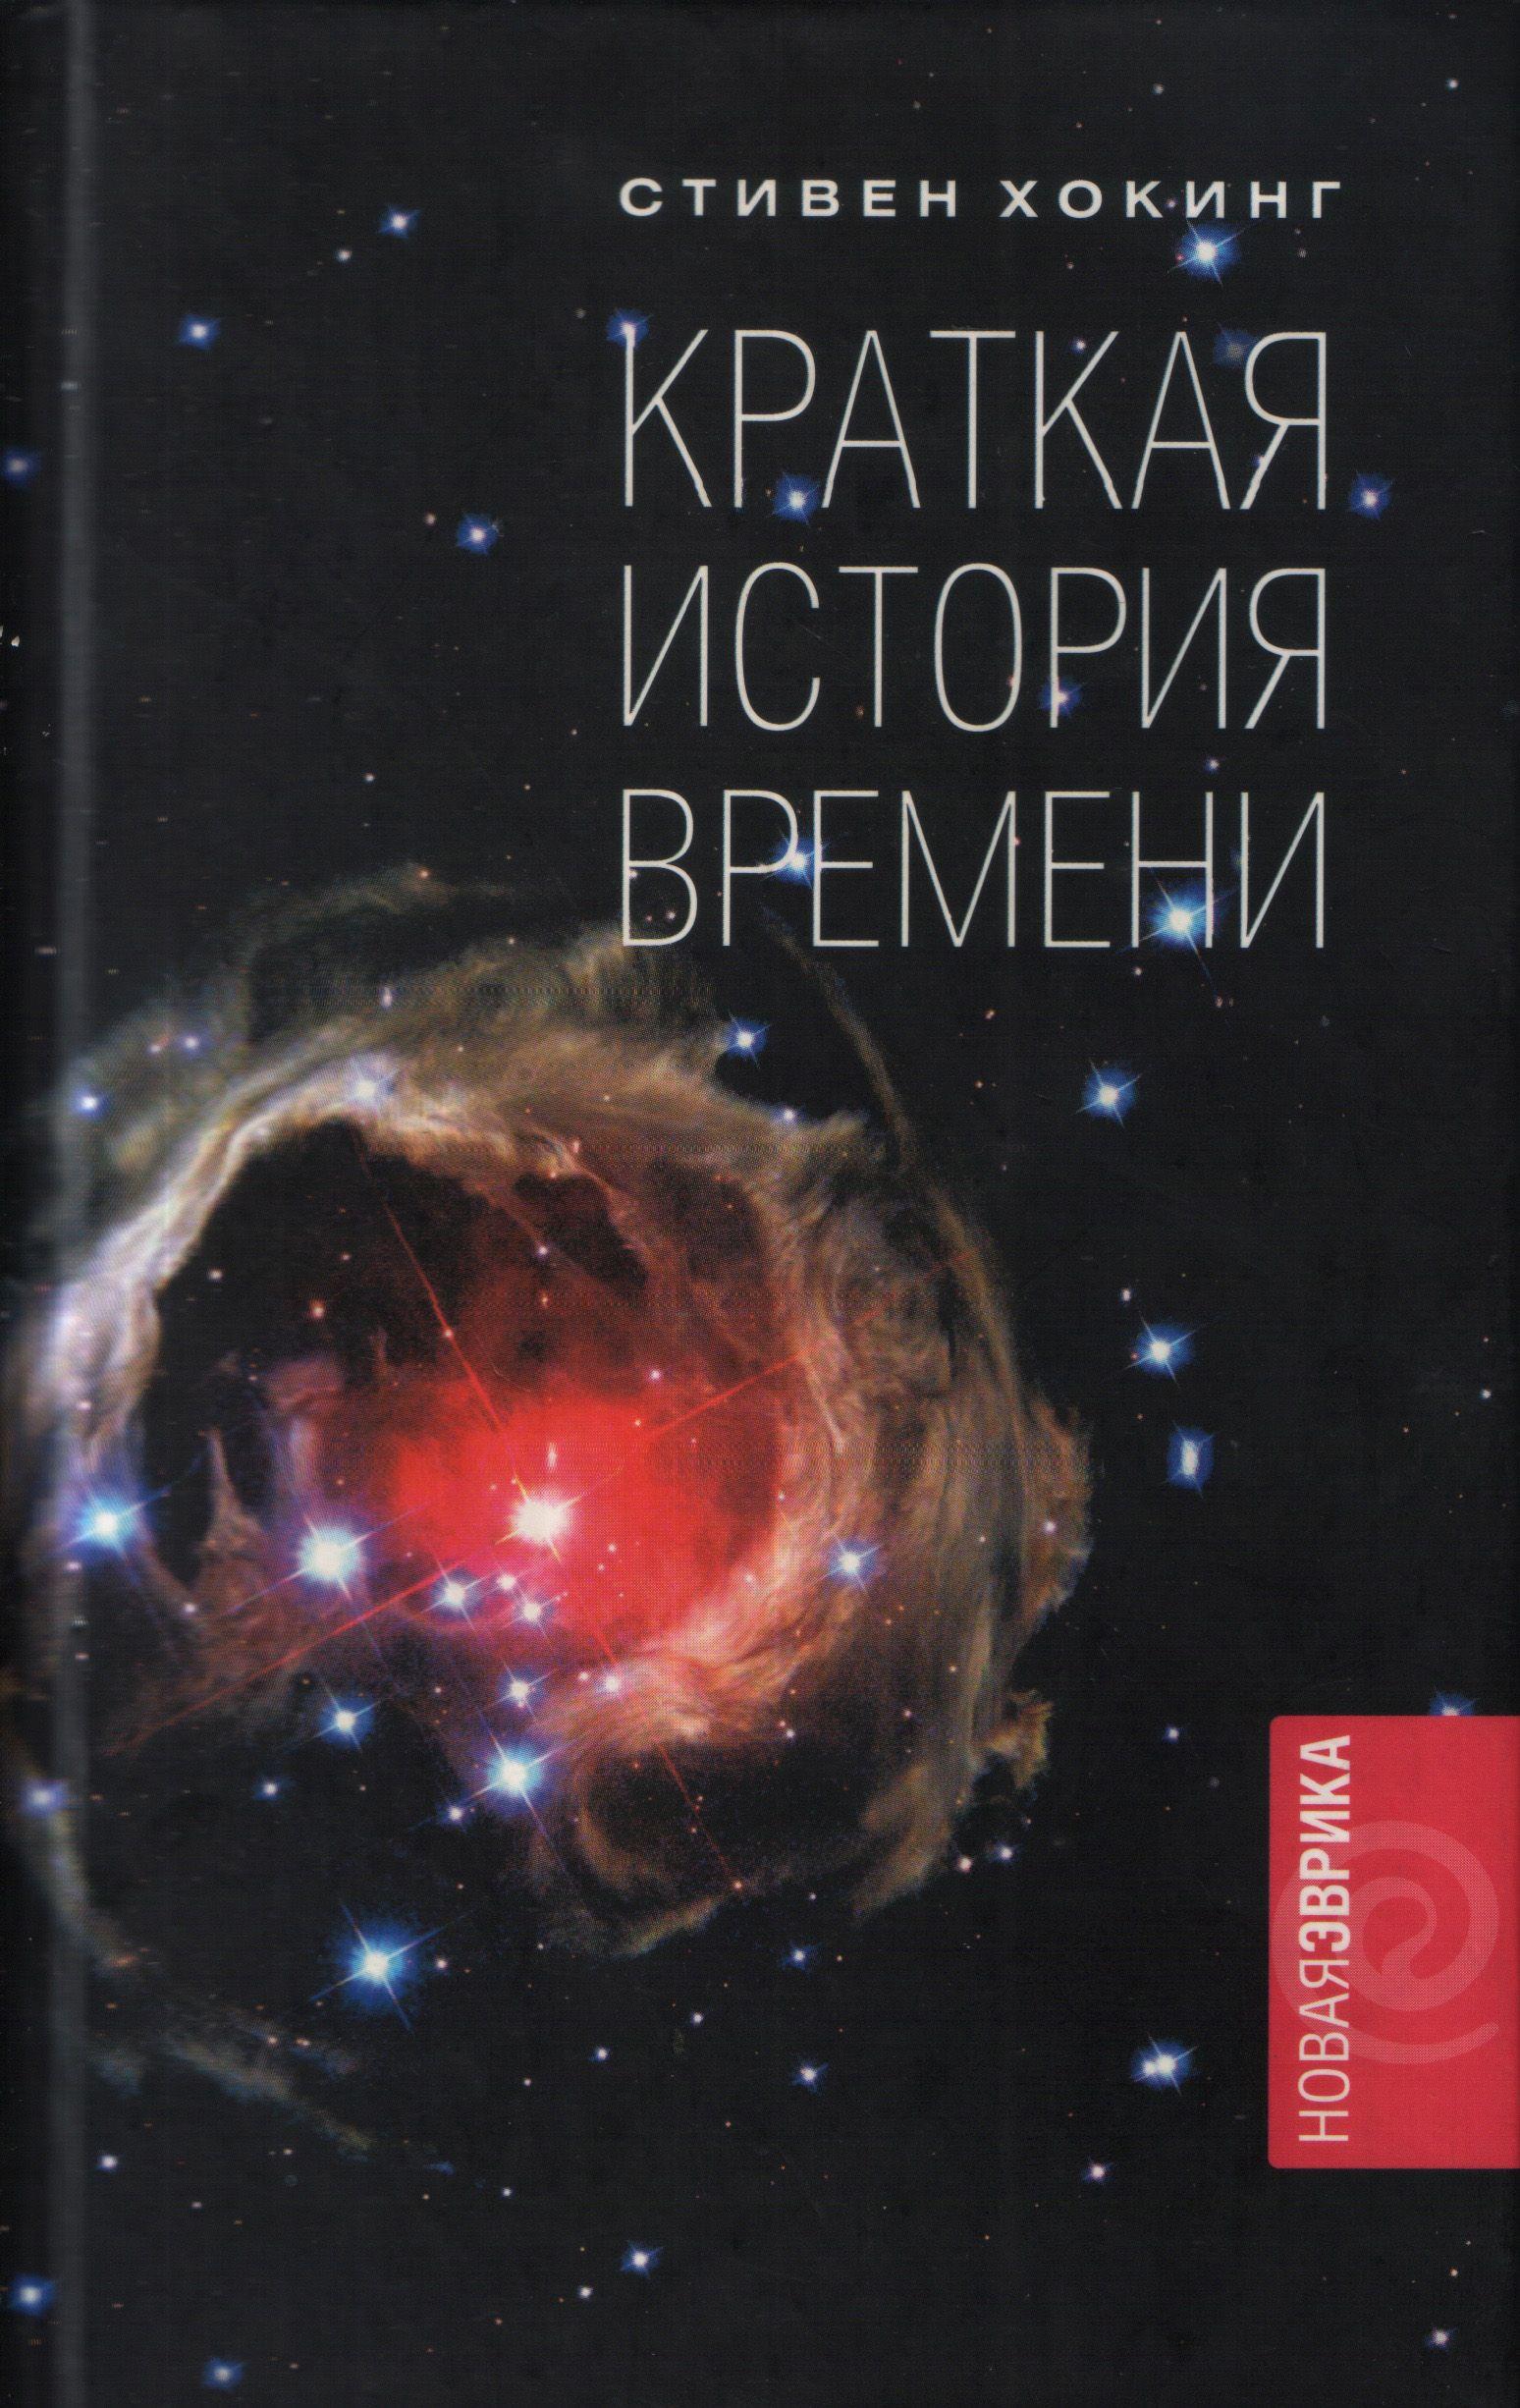 Книги стивена хокинга скачать бесплатно на русском